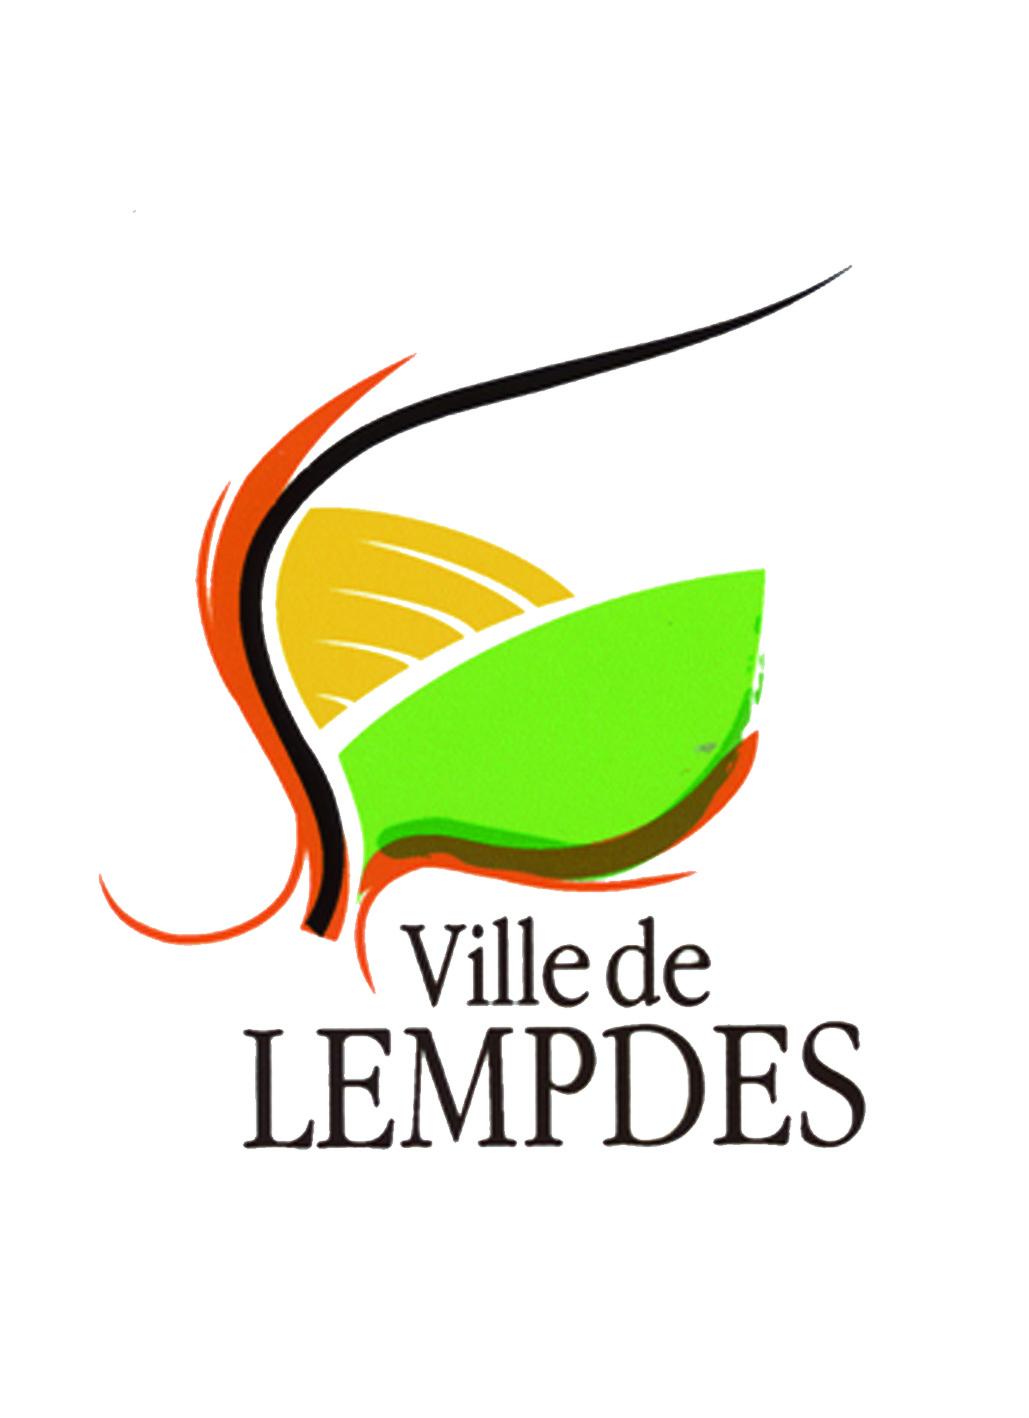 lempdes